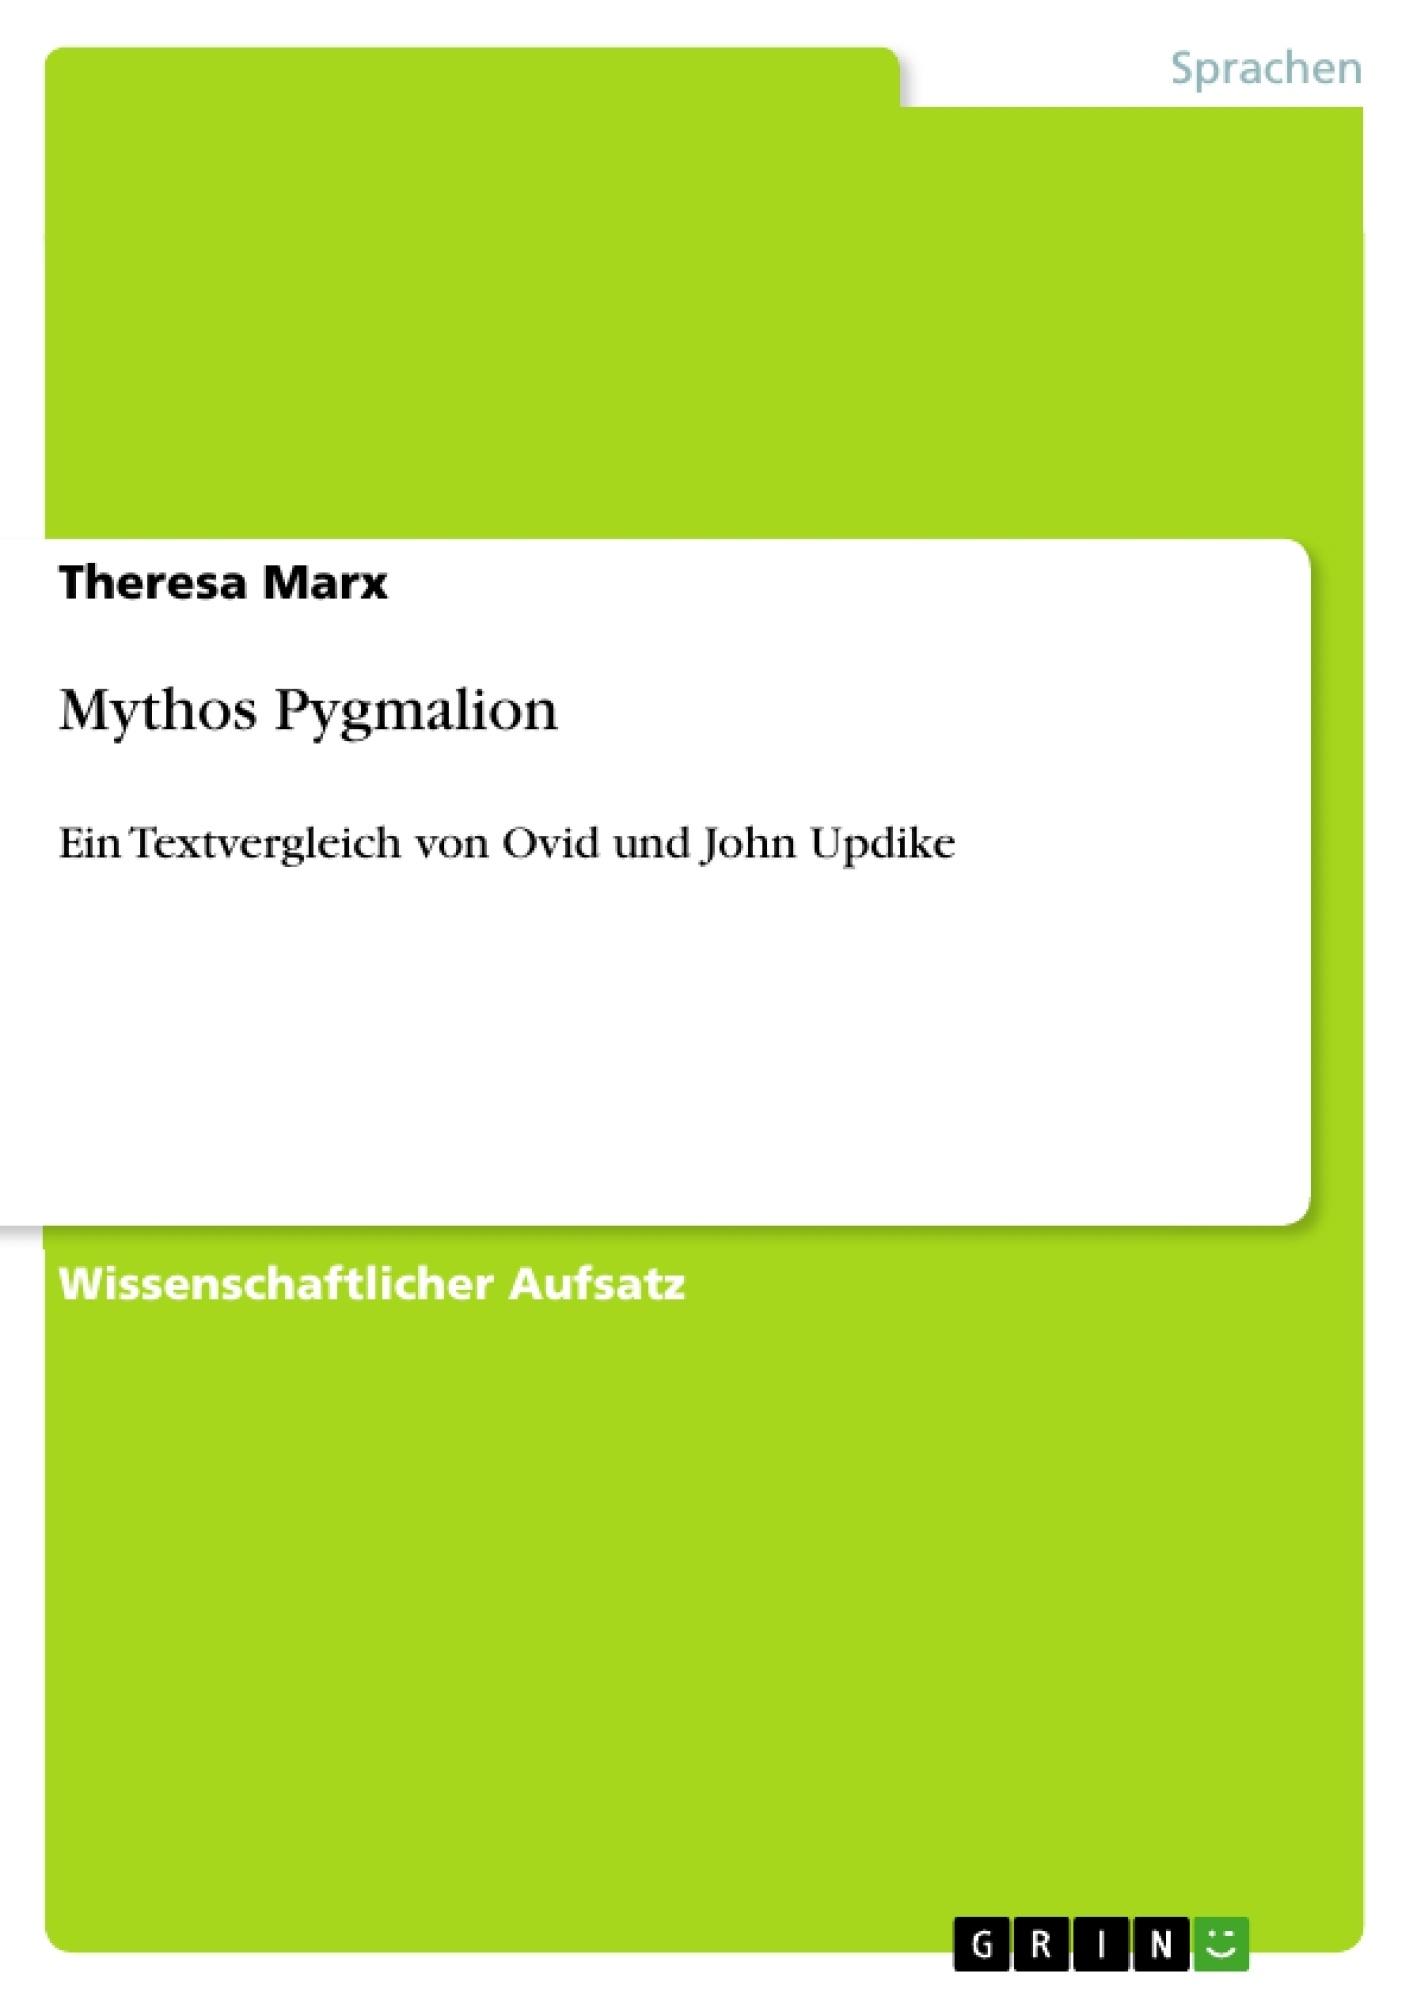 Titel: Mythos Pygmalion